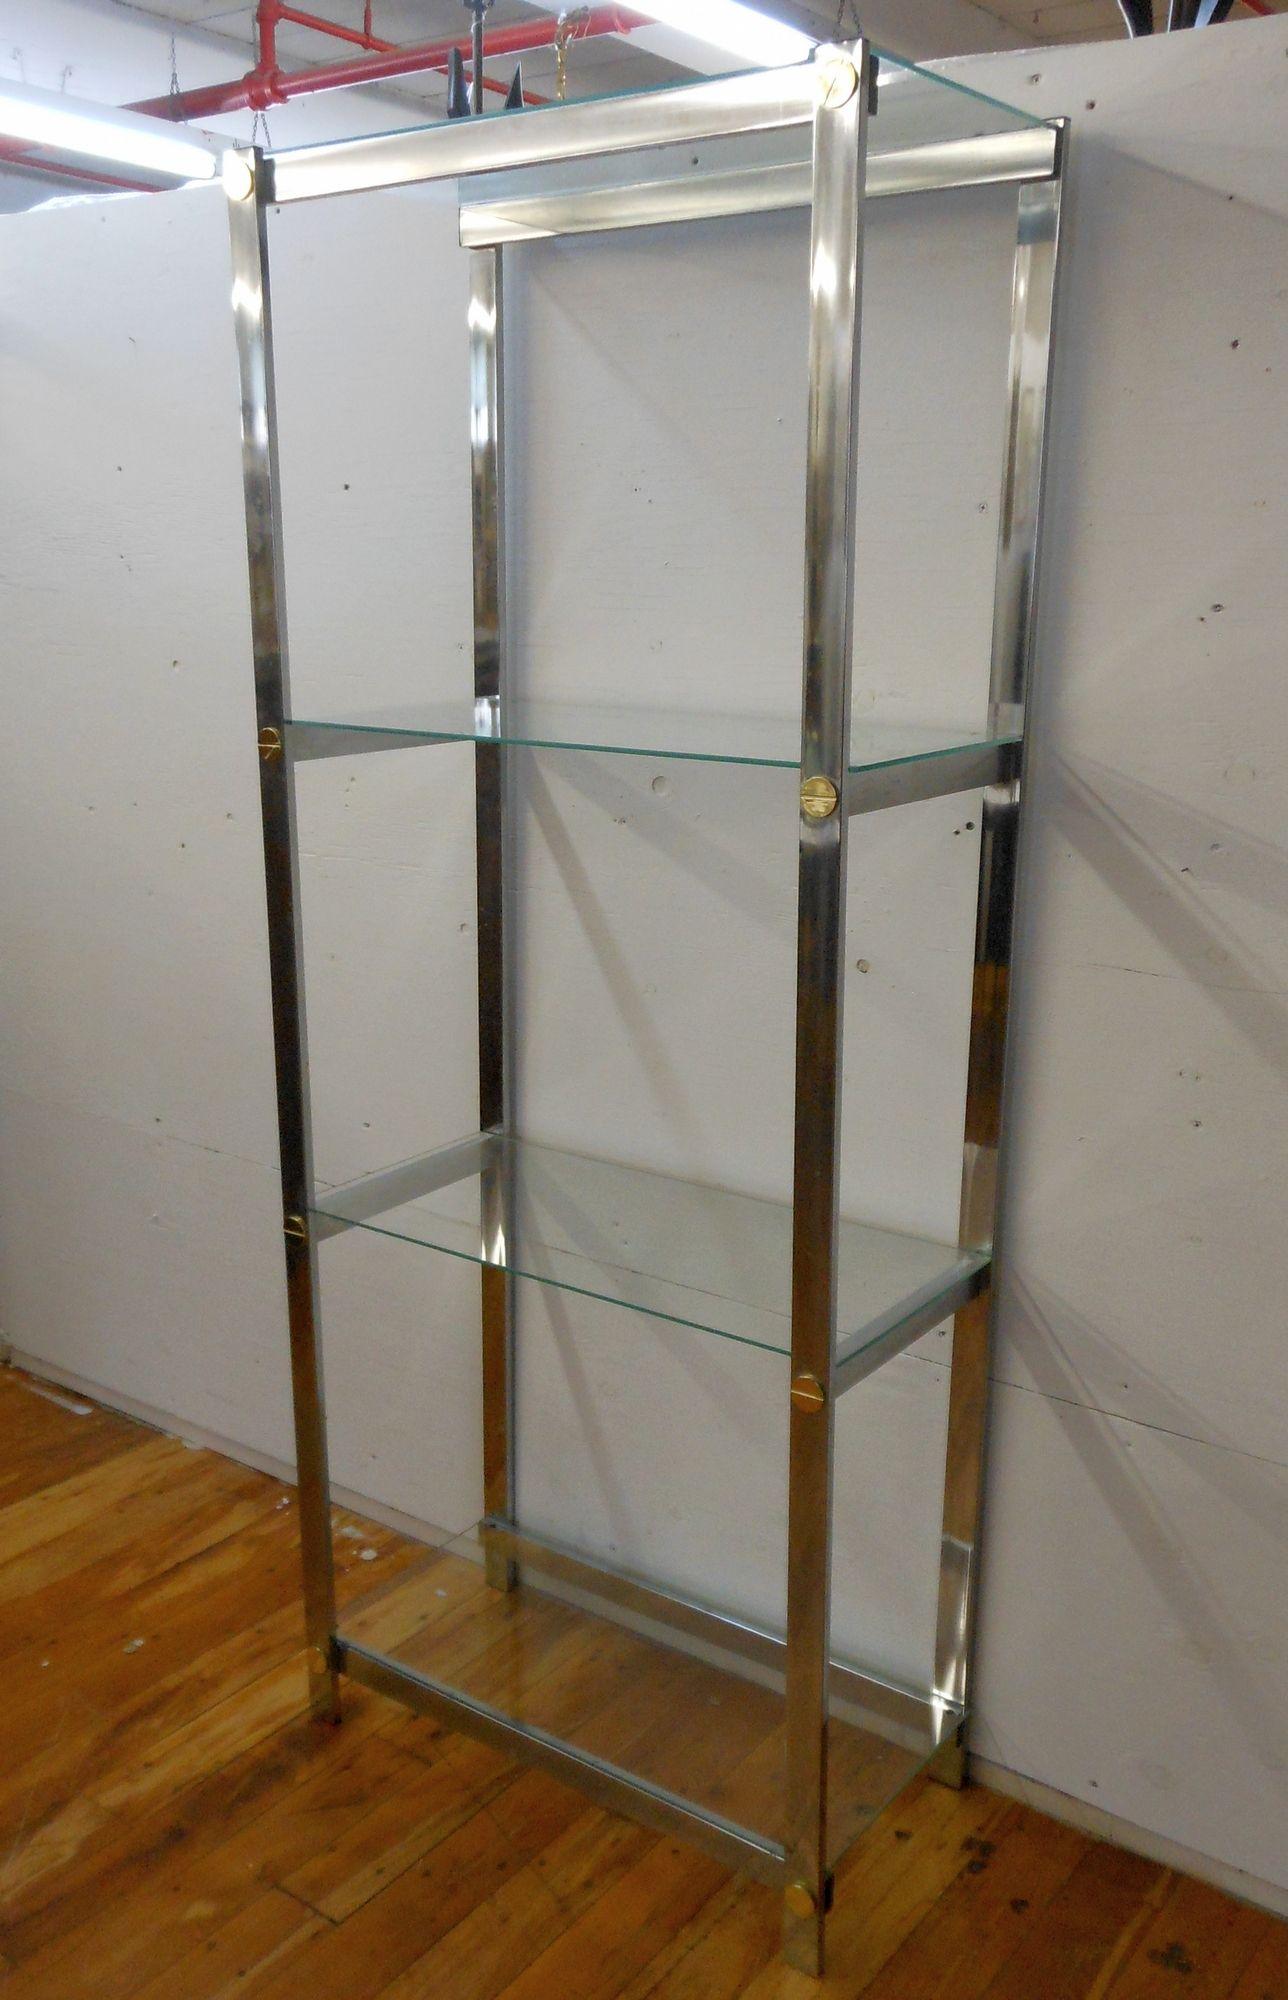 Glas Regal Bucherregal Unterstutzt Mobel Amp Diy Home Gallery